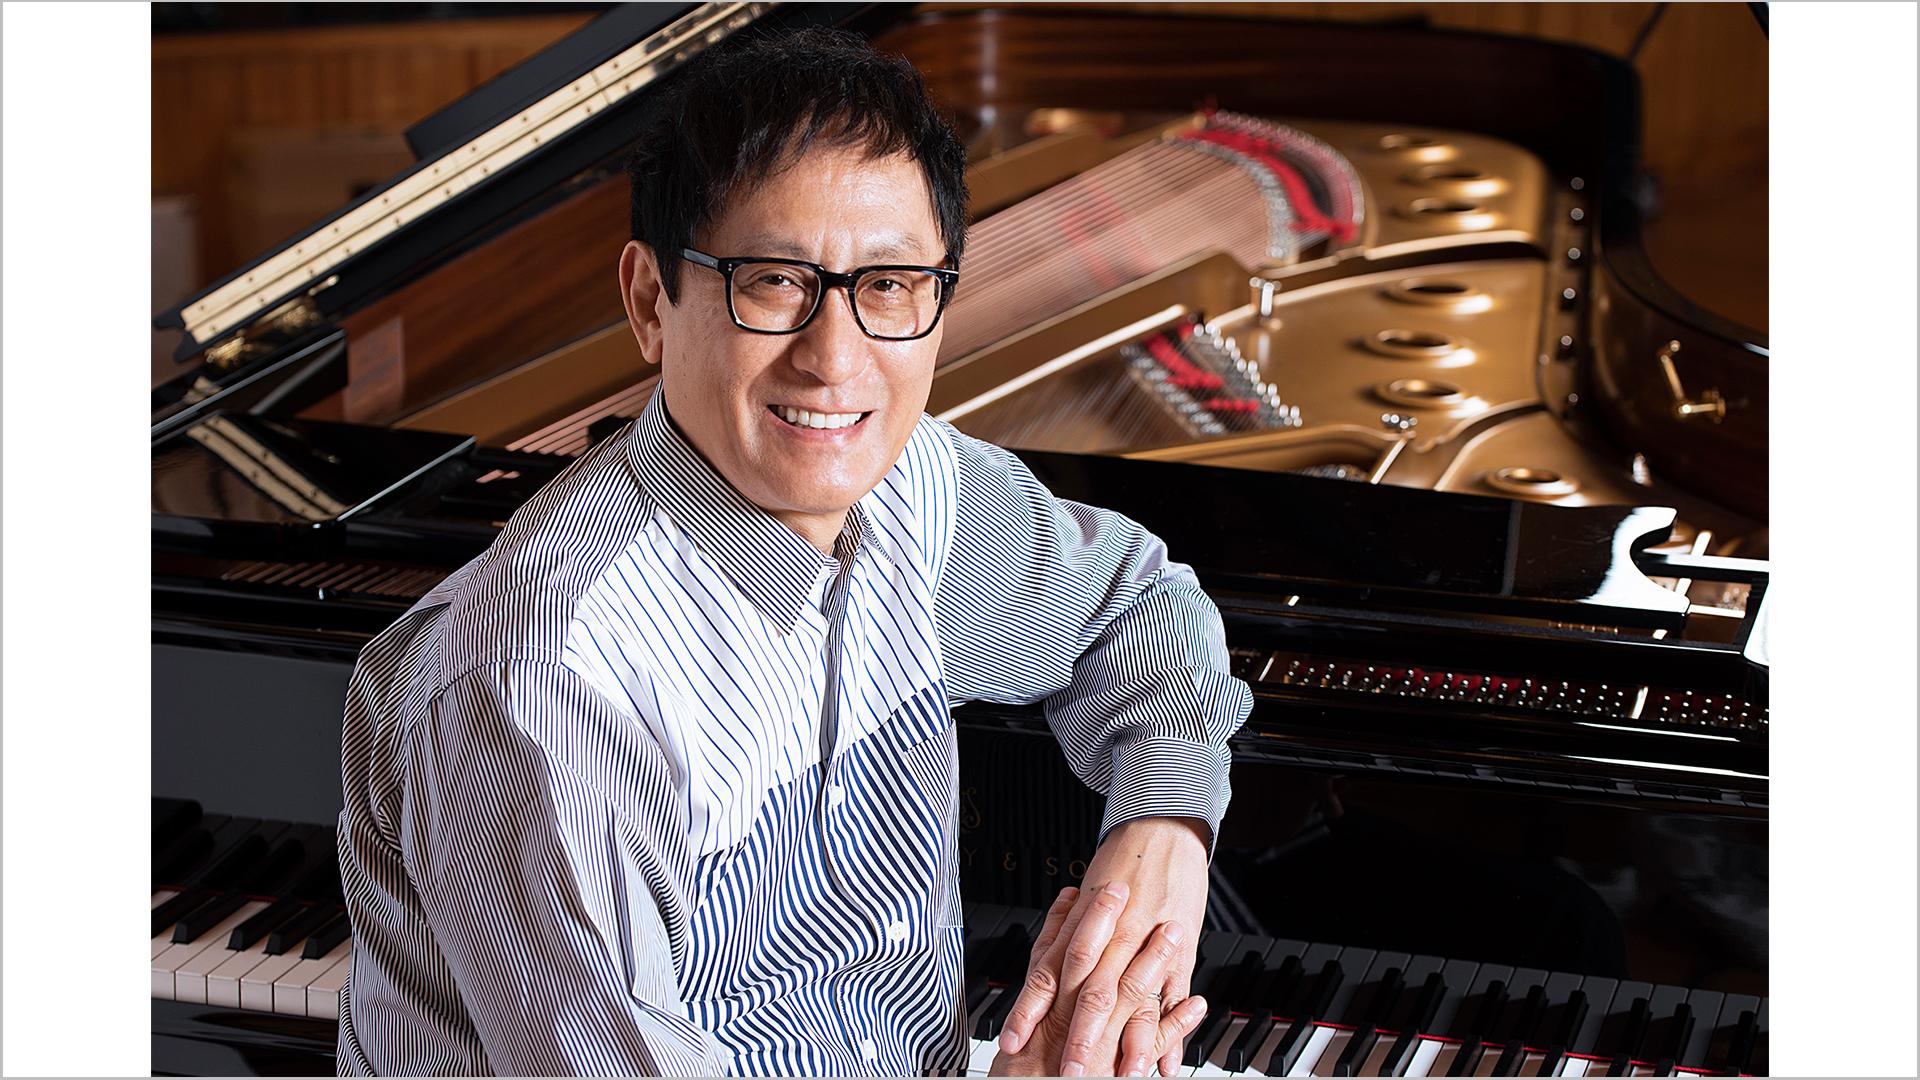 『僕らの音楽』presents 武部聡志 ピアノデイズ 前篇